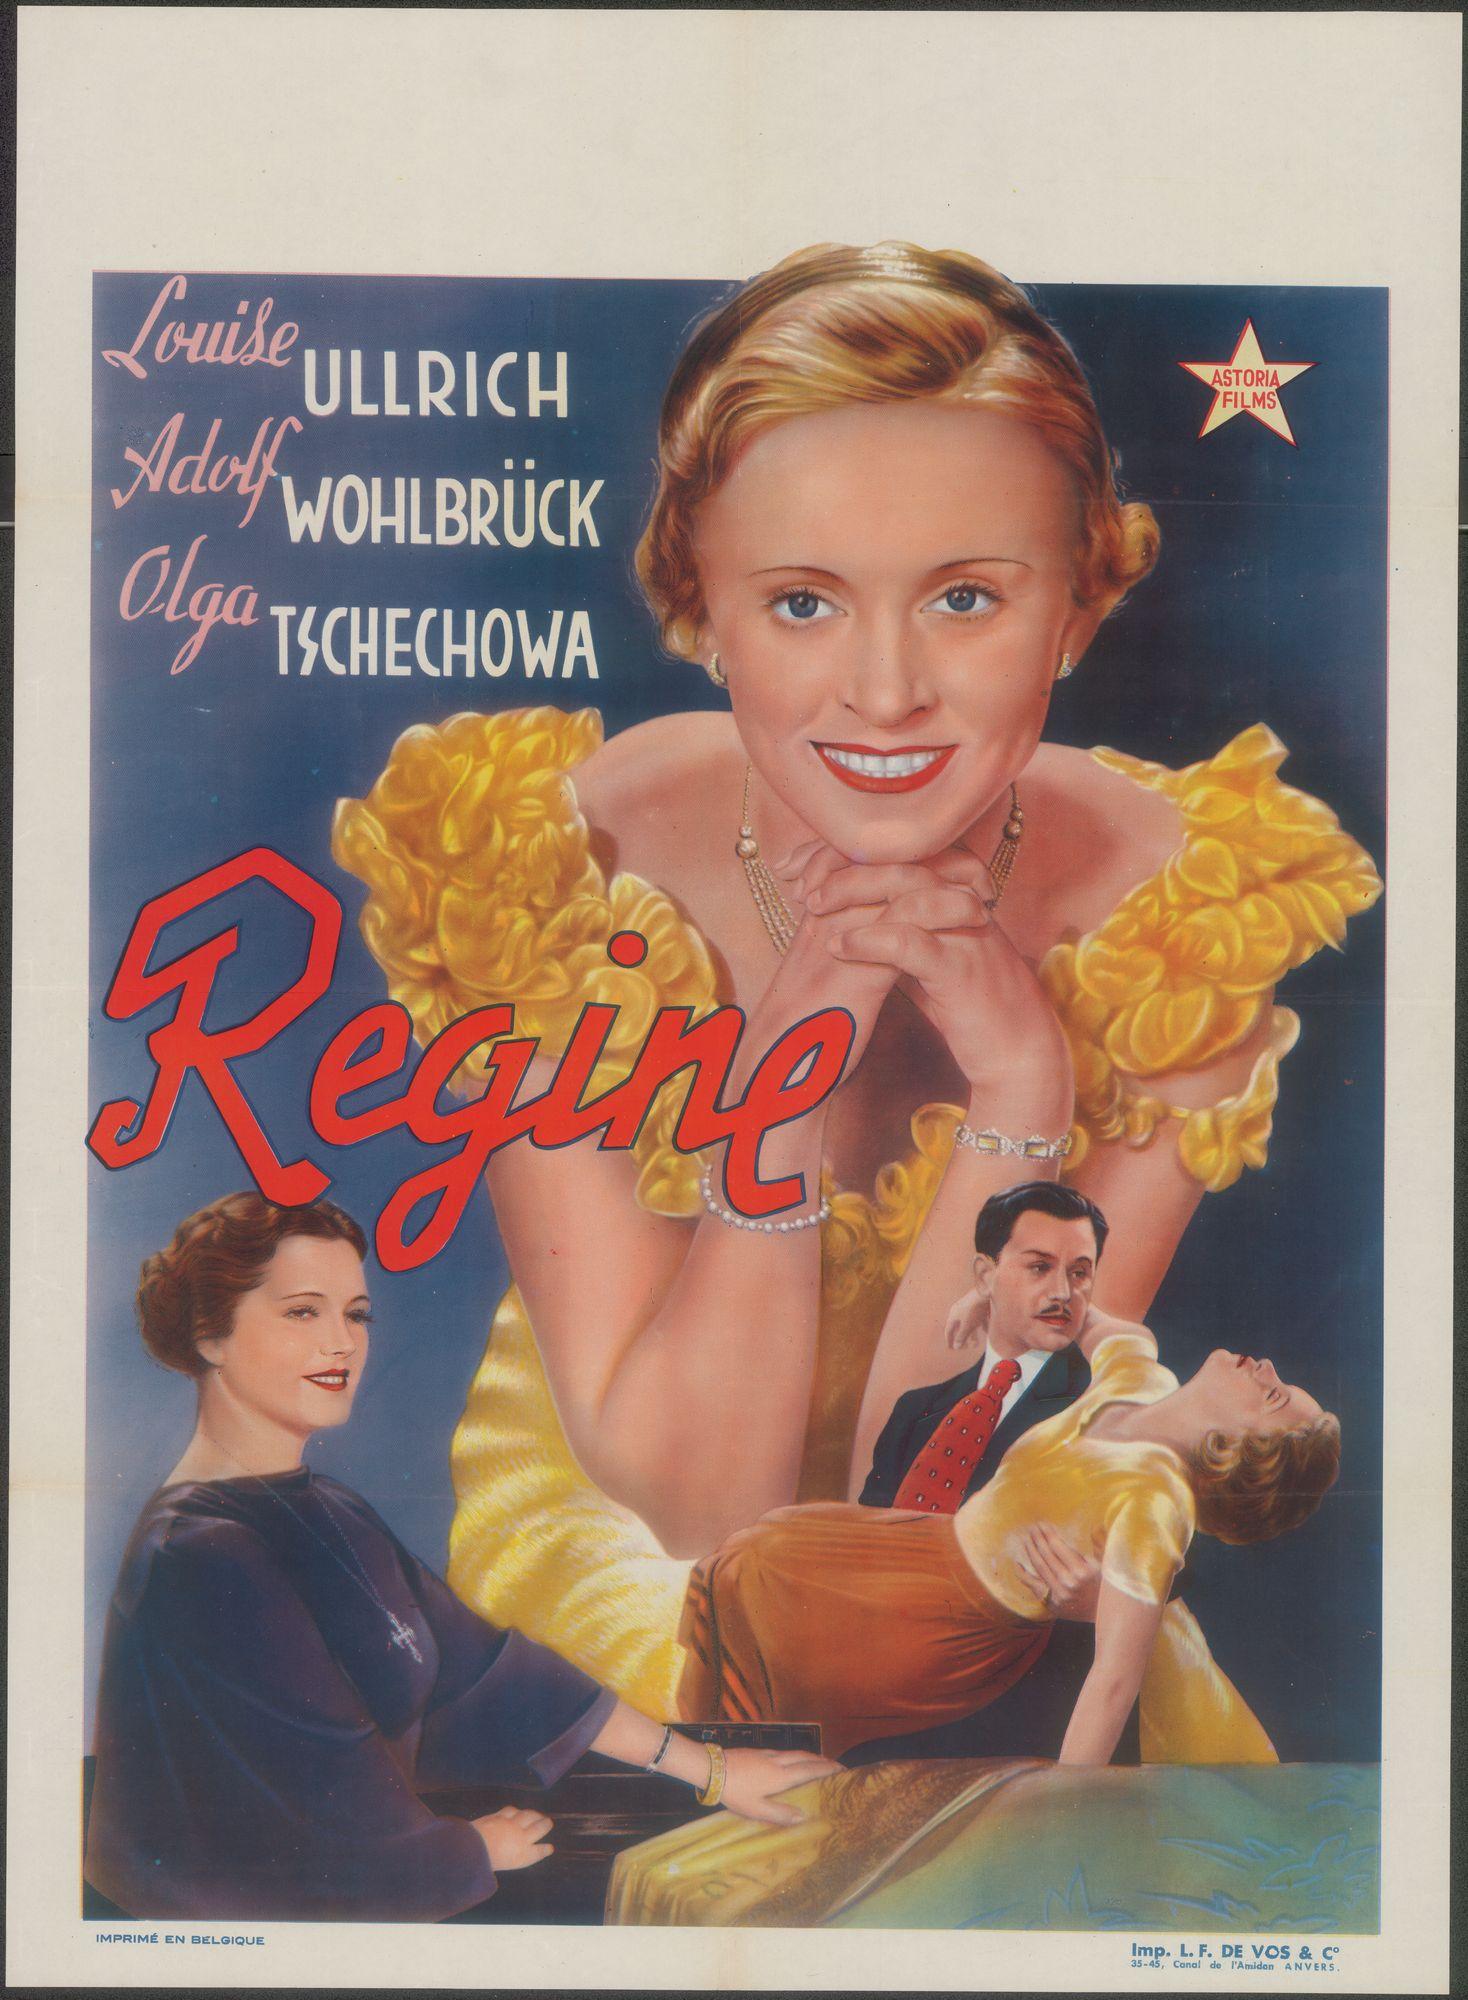 Regine, [1956]